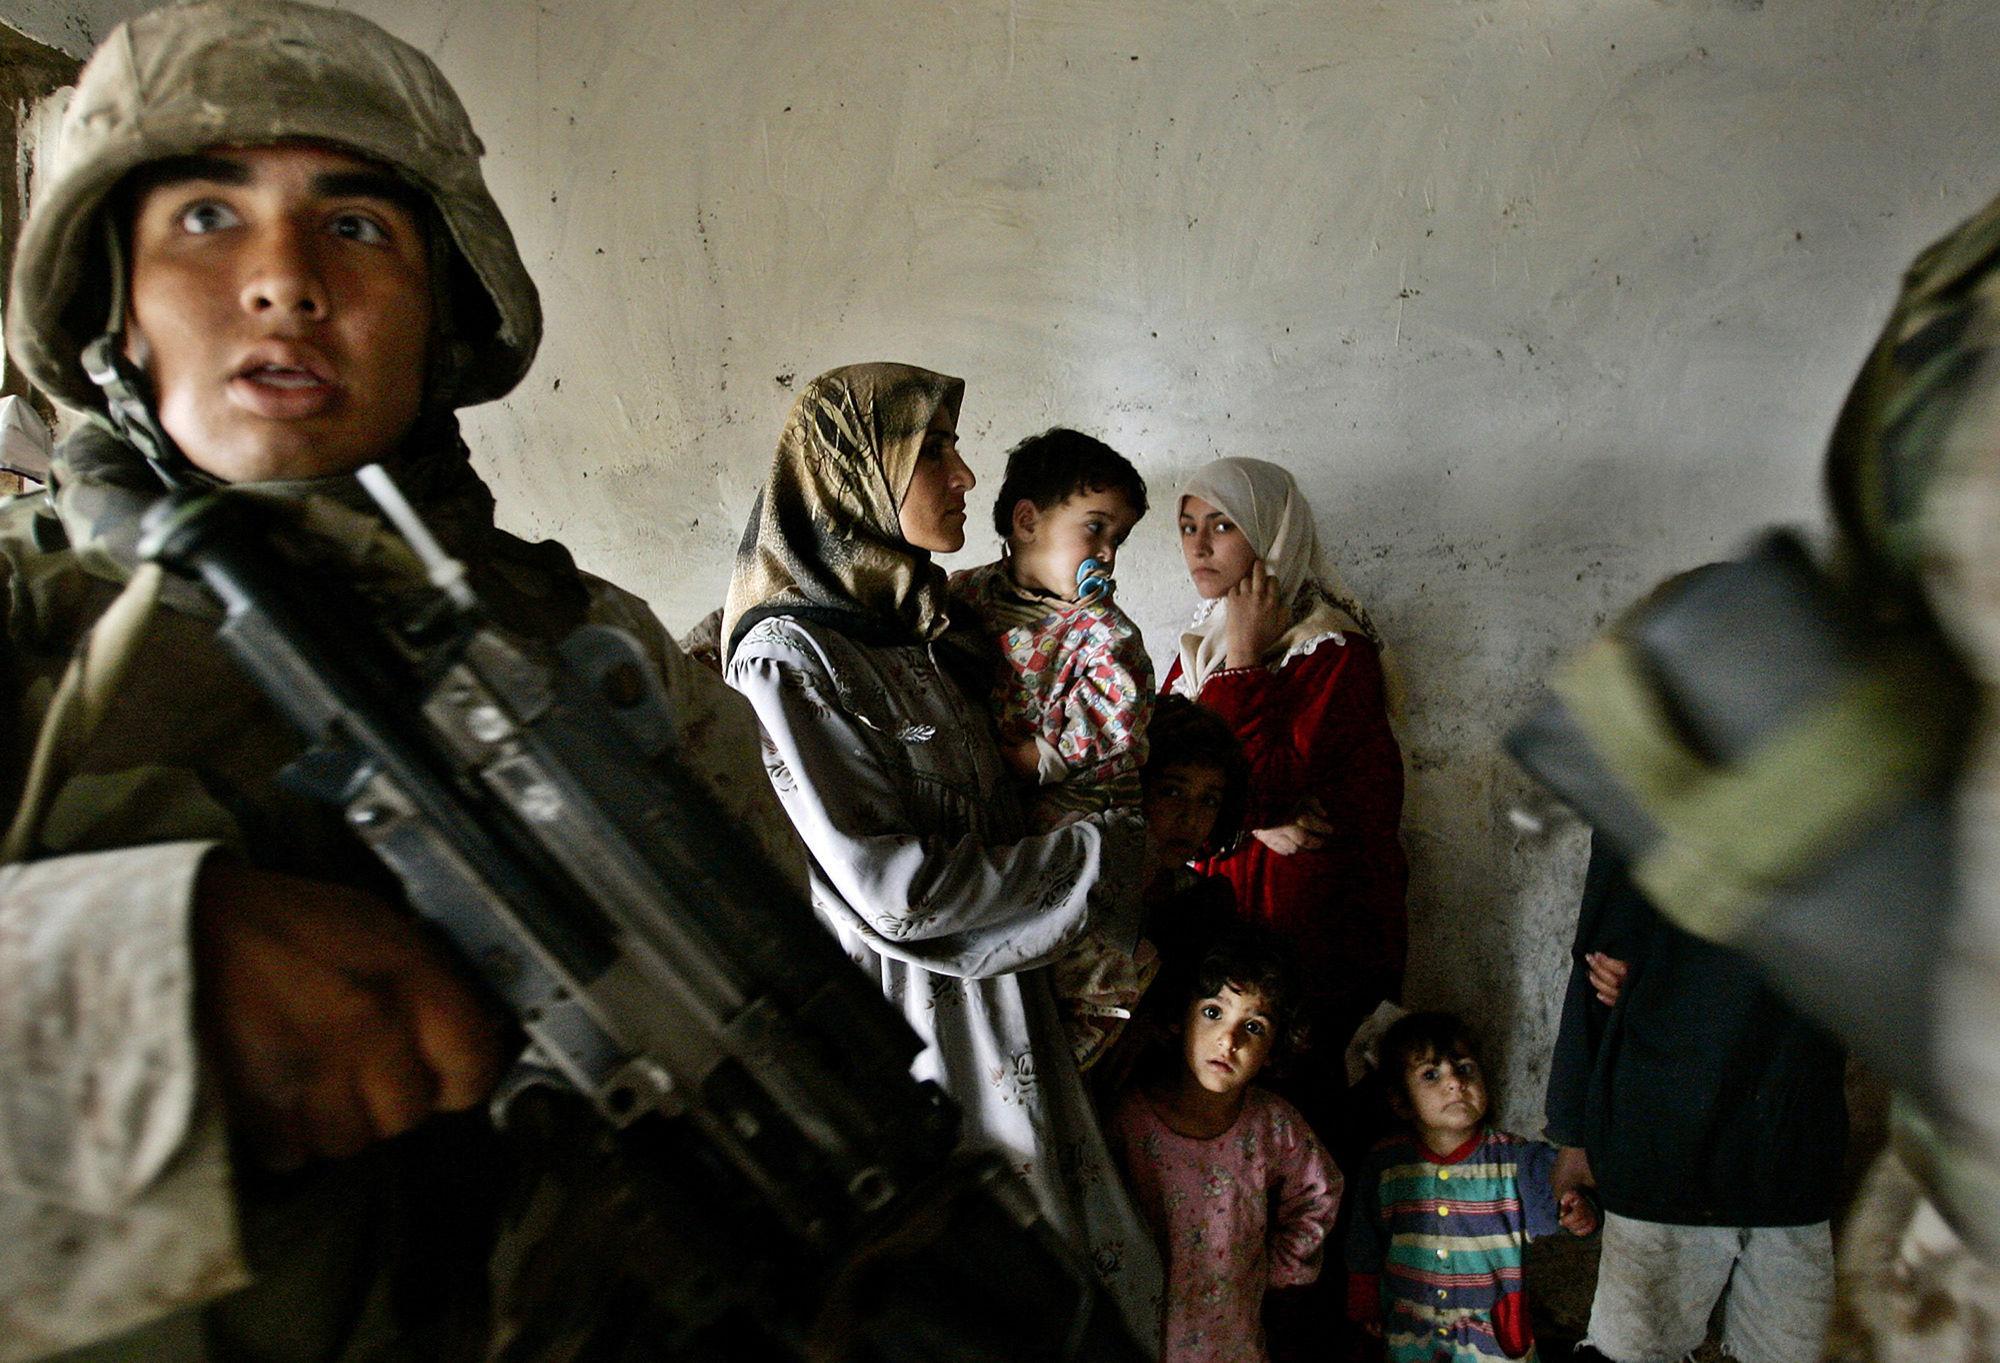 GOSEE ART: Razzia in Bagdad, Irak, 27. November 2004 © Anja Niedringhaus/AP